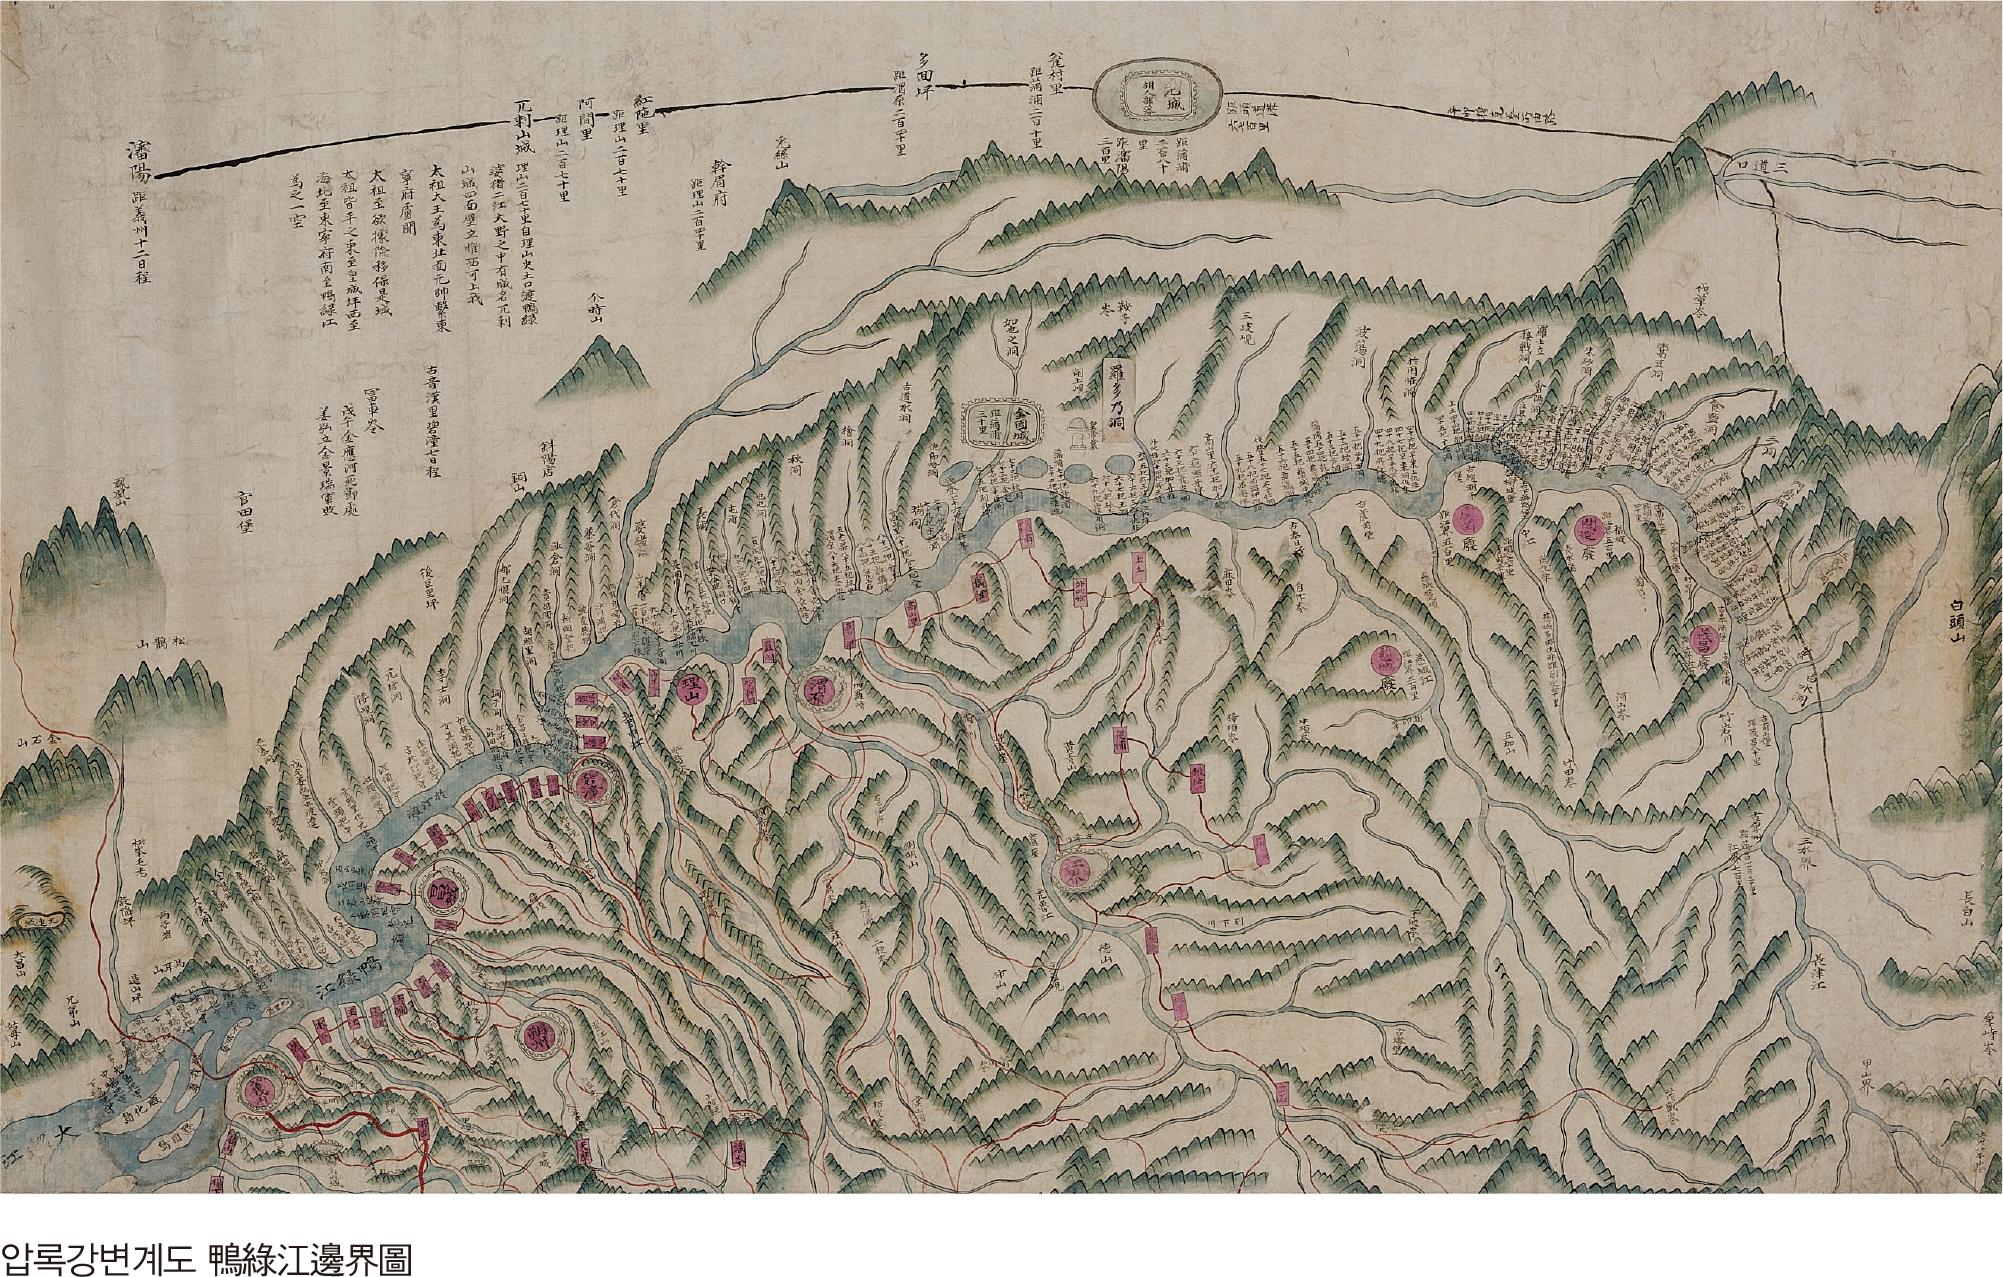 압록강변계도 鴨綠江邊界圖